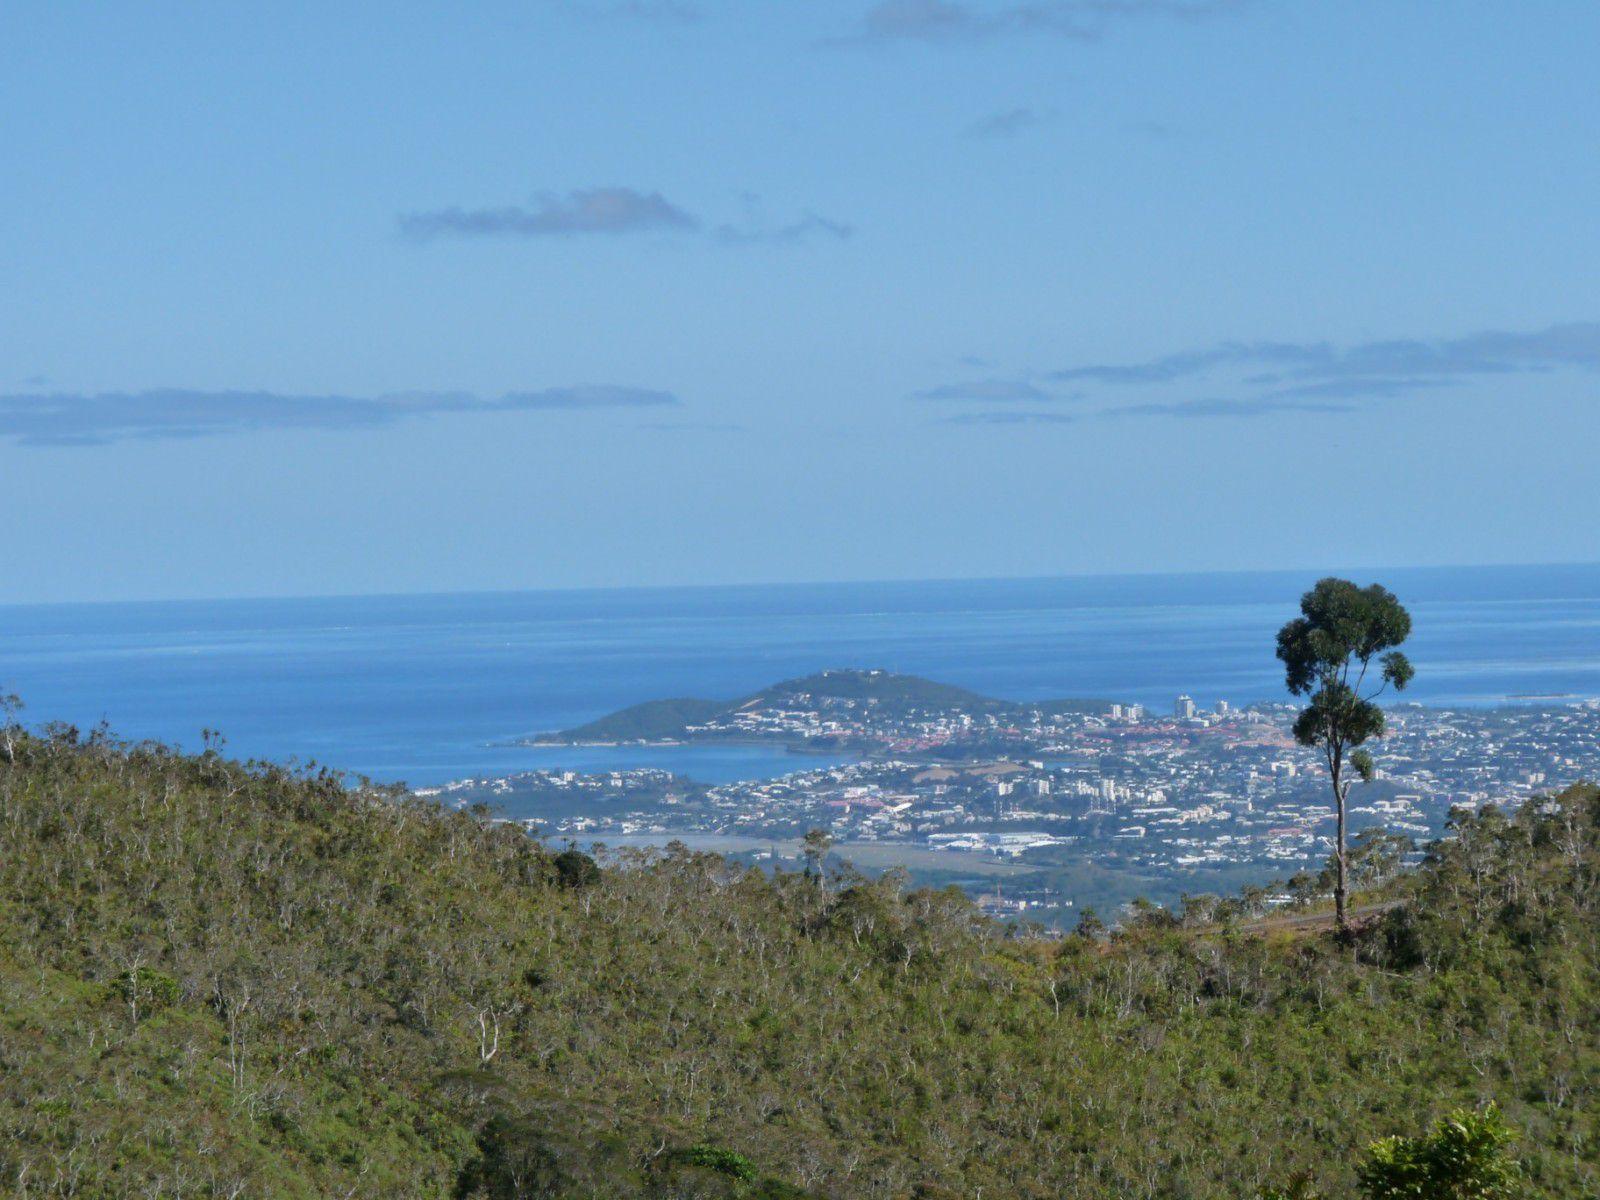 ニューカレドニアでおすすめの大自然で遊ぶツアー5選!ヘリコプターやトレッキングも!